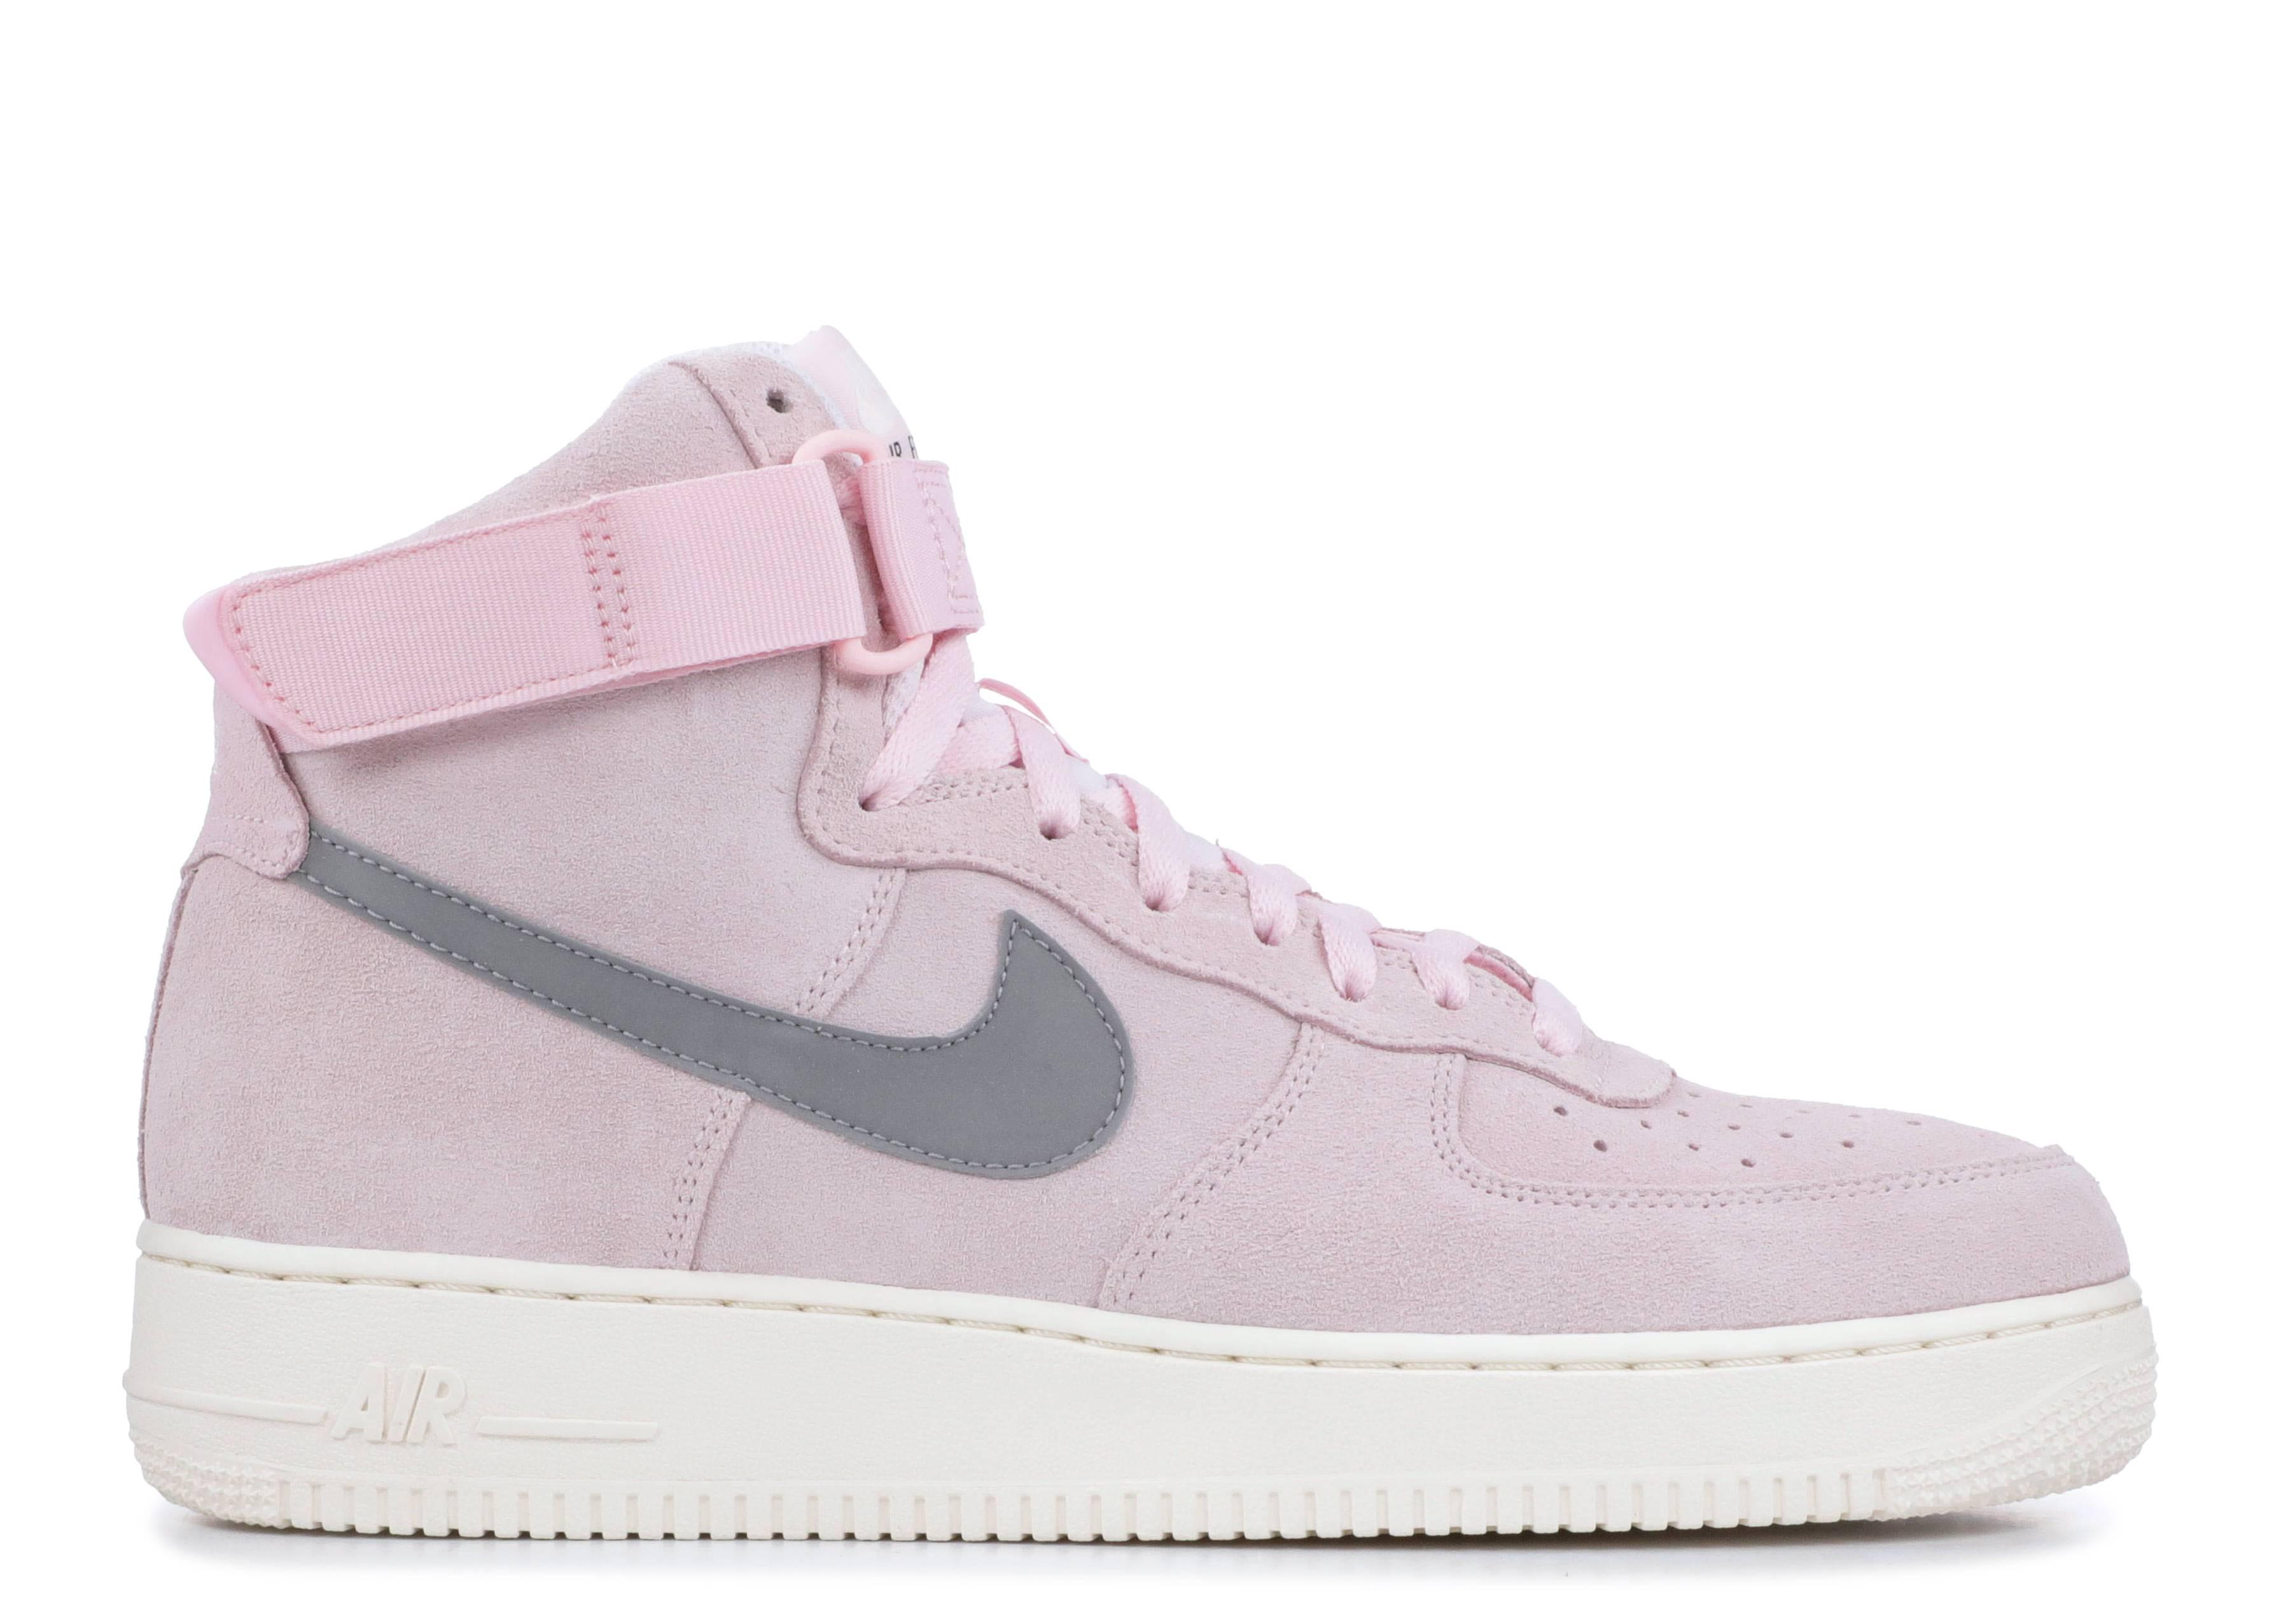 Nike Air Force 1 High '07 Sneakers In Purple 315121 500